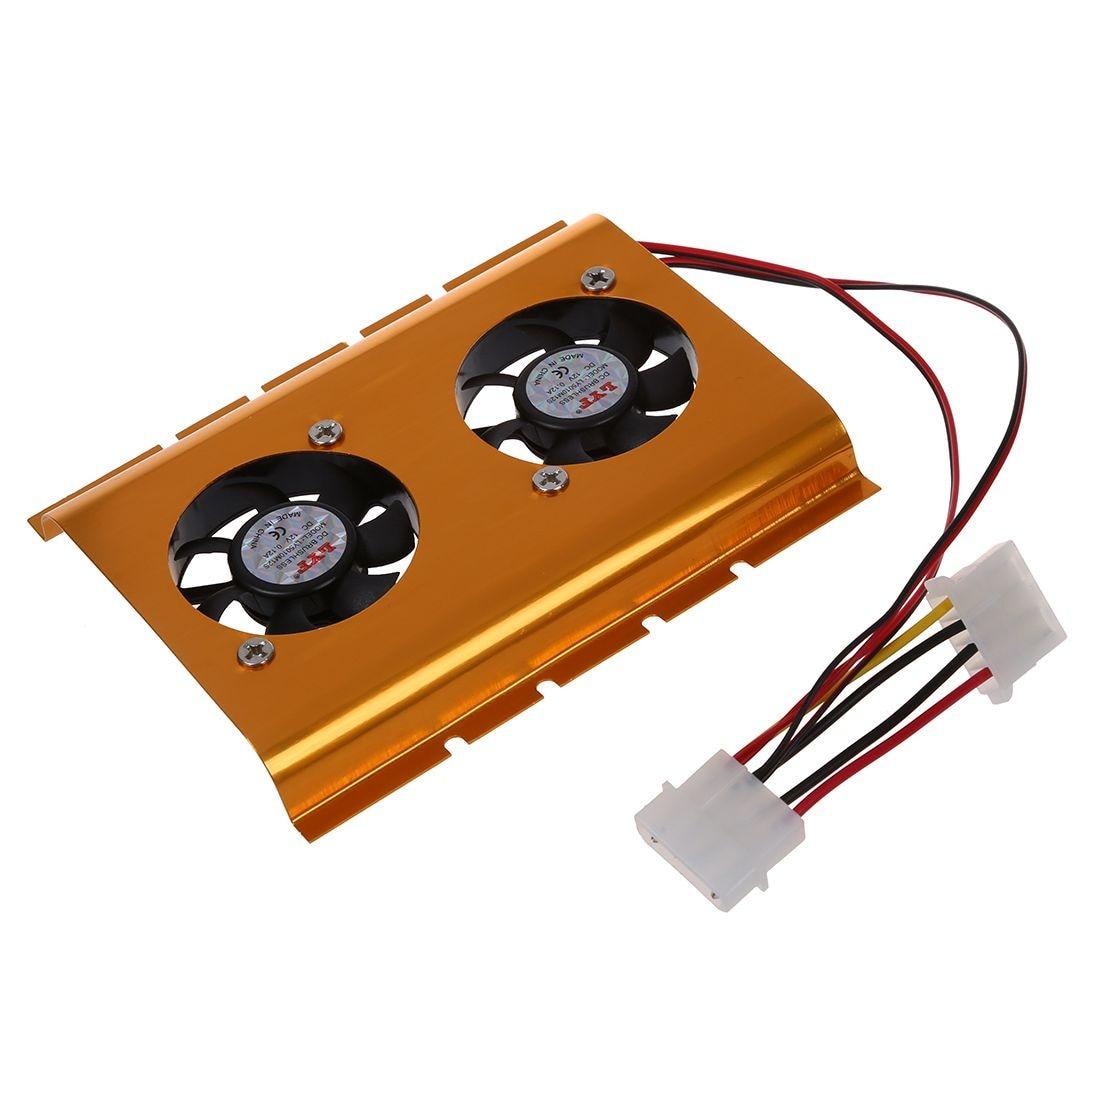 """Unidad de disco duro de 3,5 """", ventilador Dual, enfriador, tono dorado para PC de escritorio"""